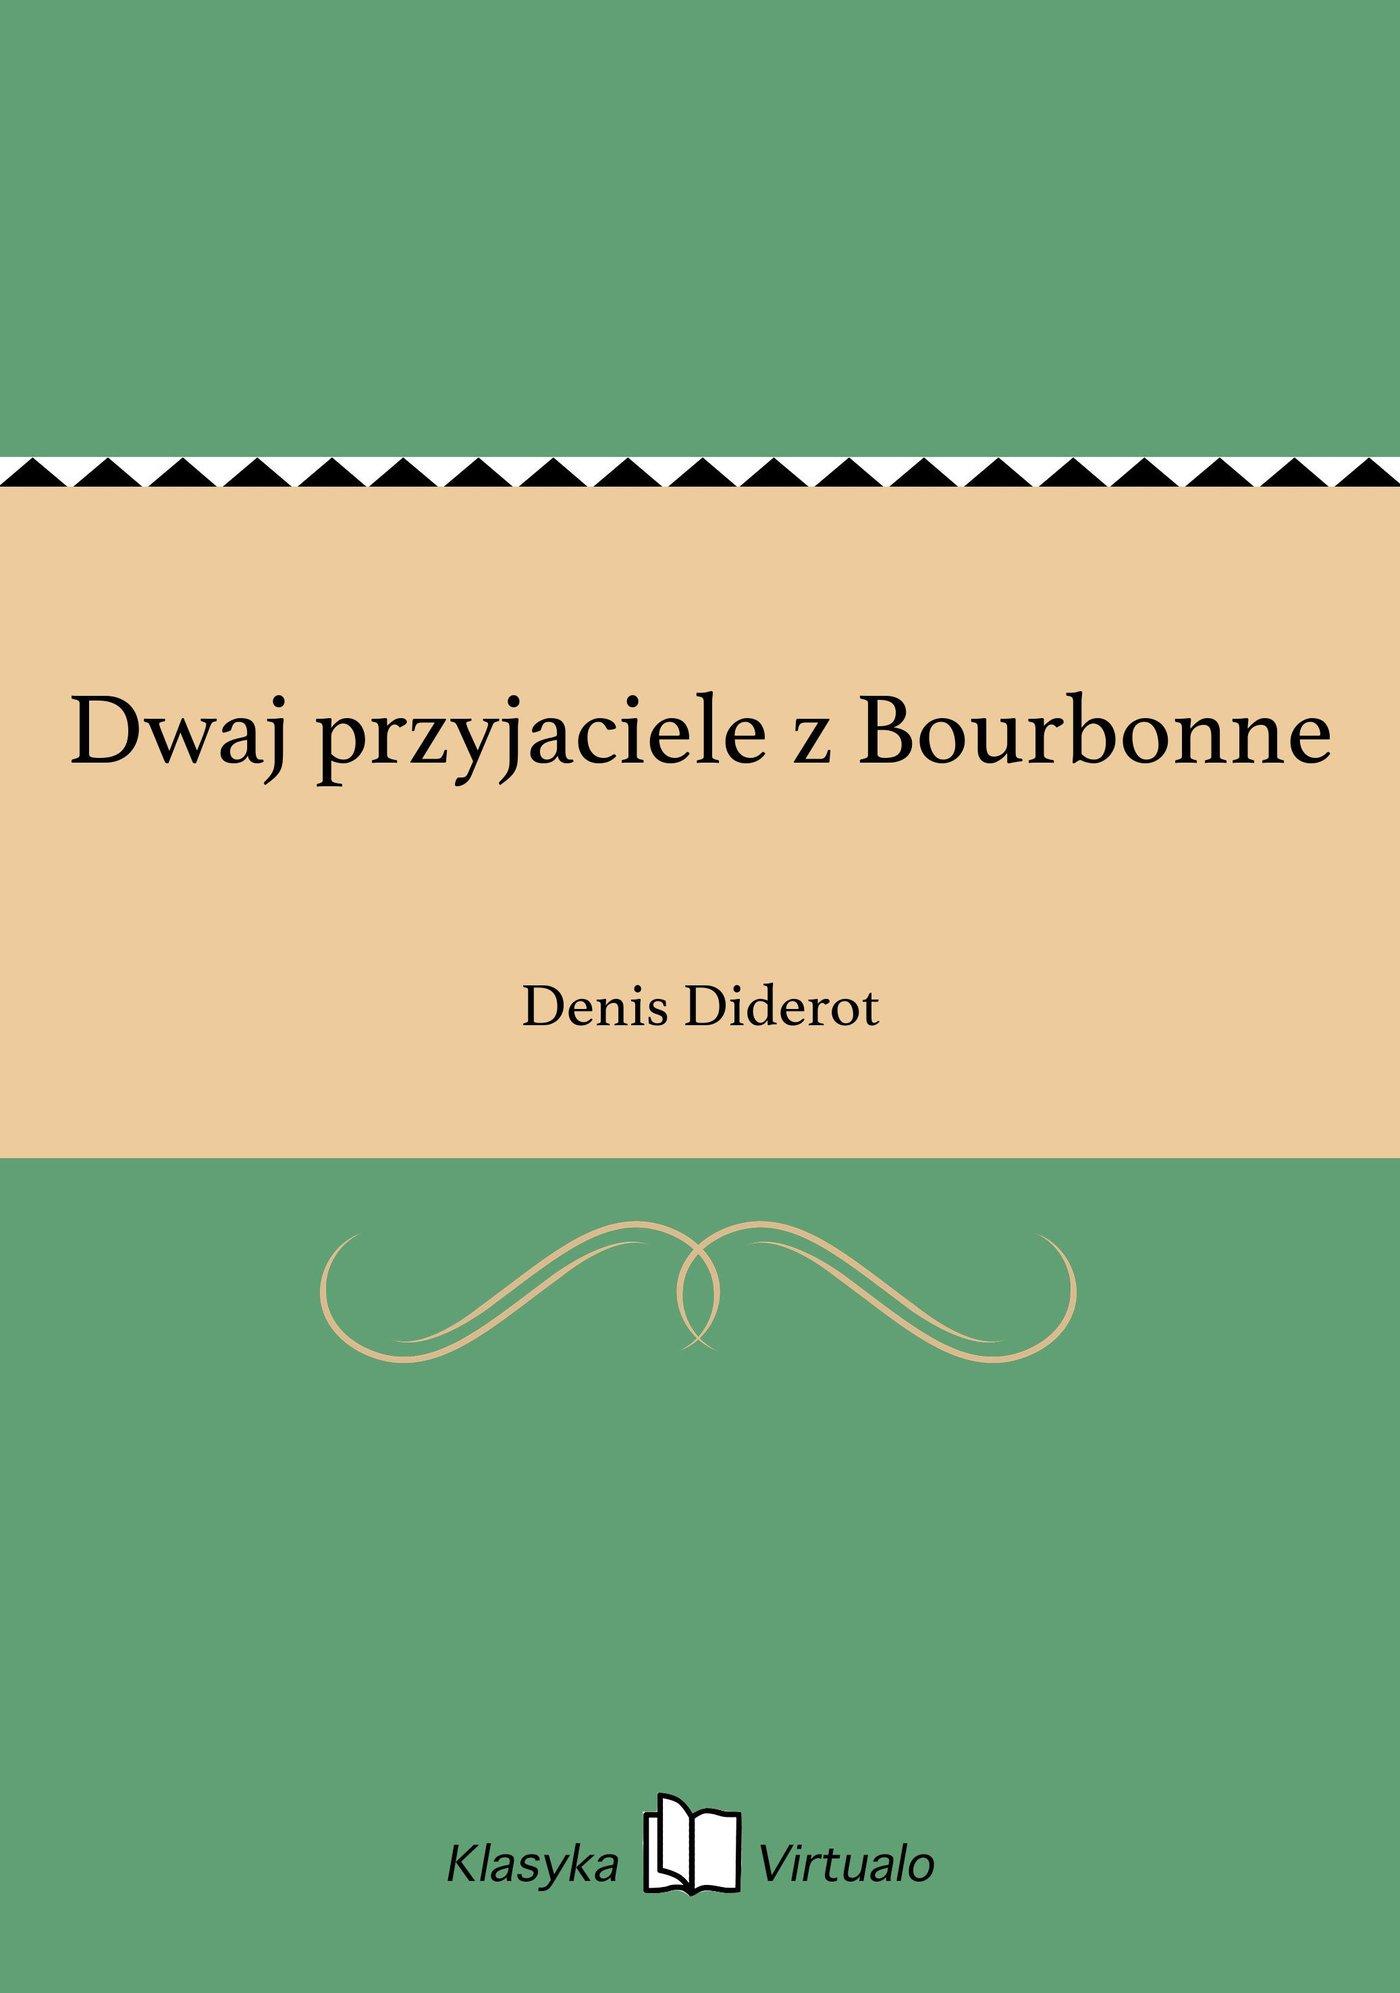 Dwaj przyjaciele z Bourbonne - Ebook (Książka EPUB) do pobrania w formacie EPUB